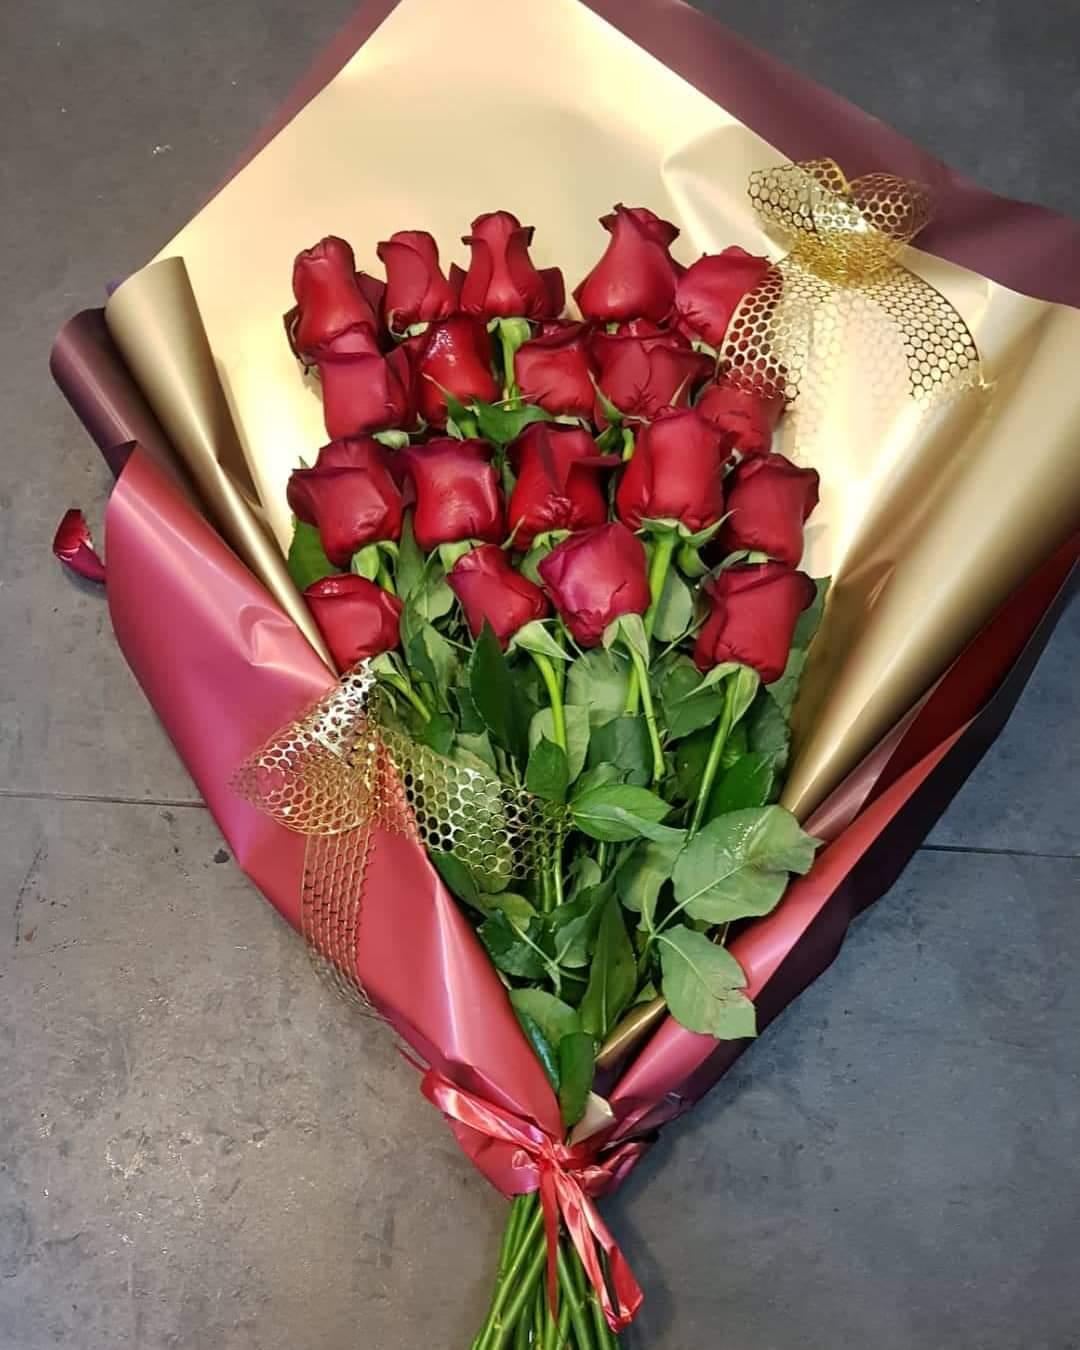 זר ורדים בנייר אדום מוזהב  - פרחי טוליפ - בת ים